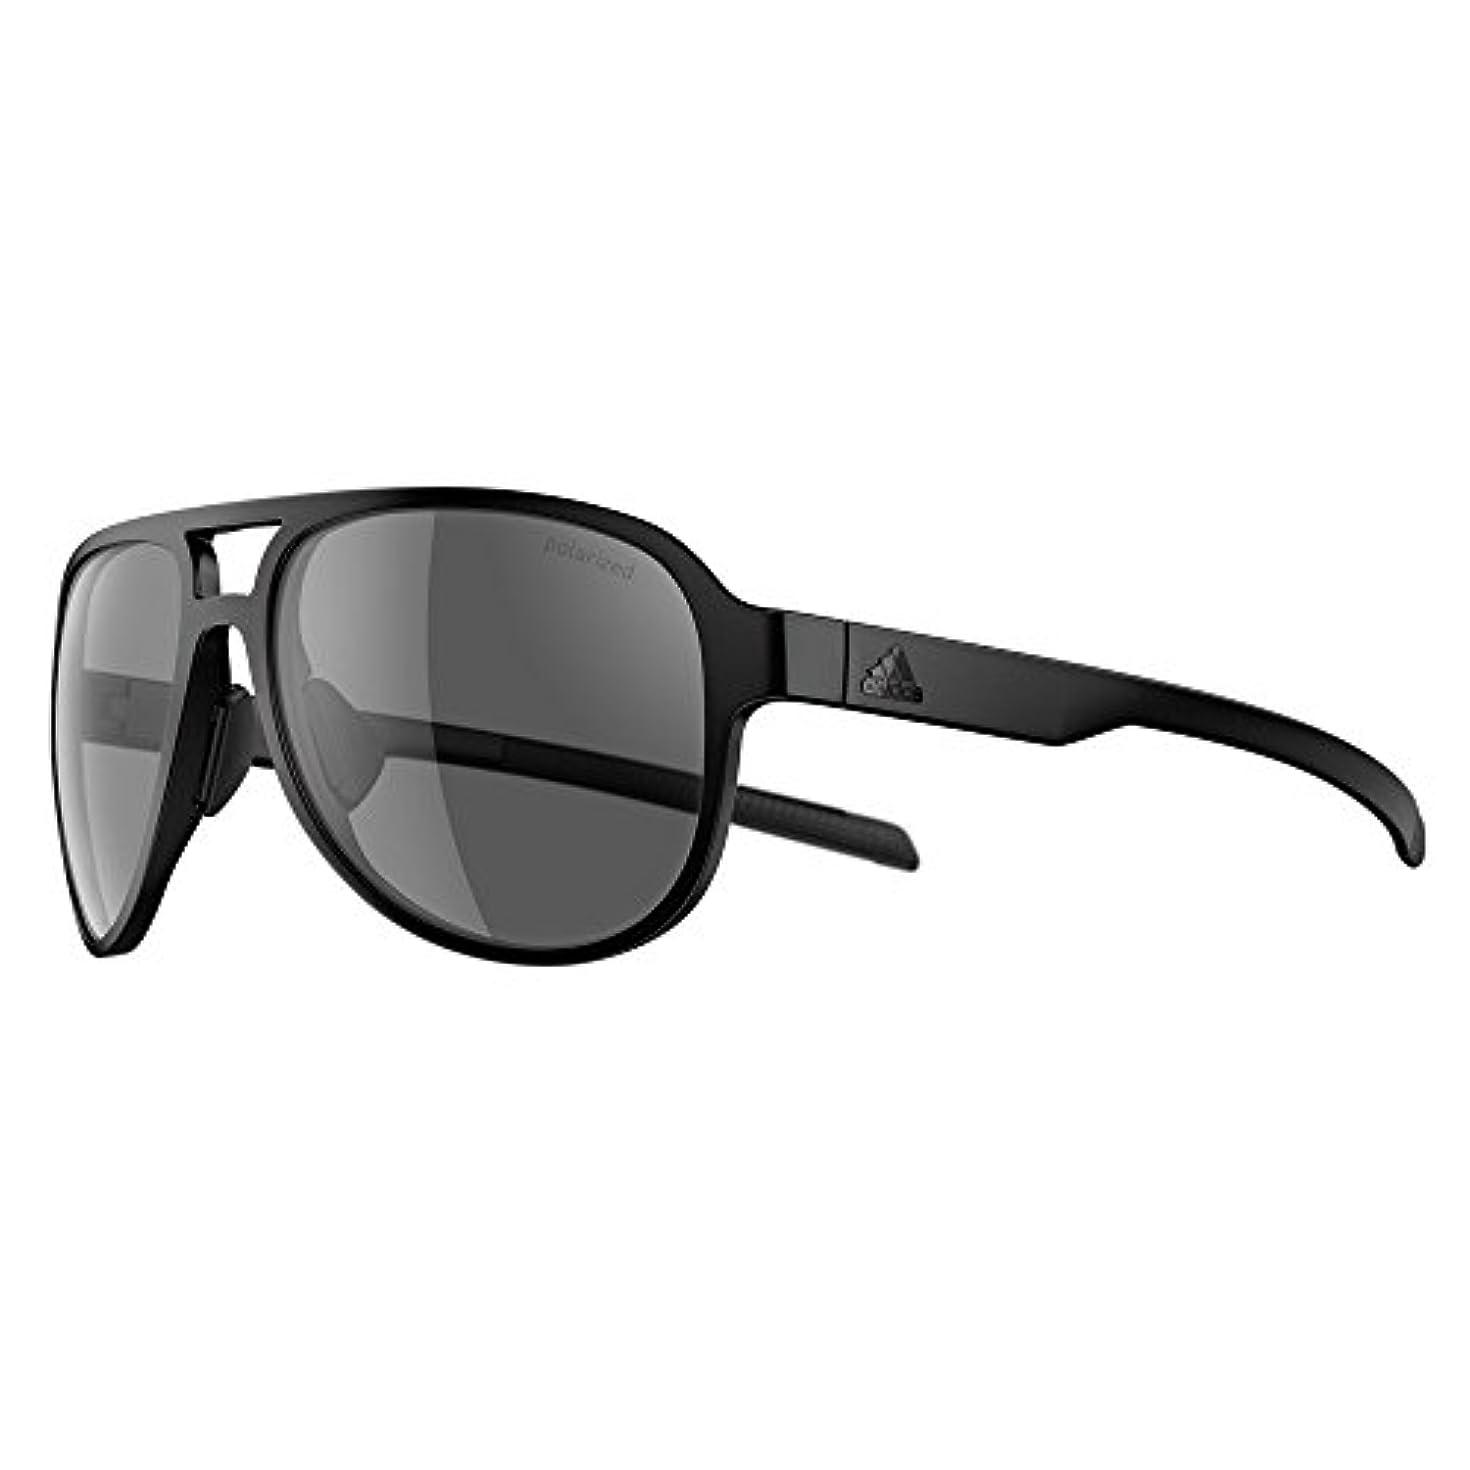 読者性格未使用adidas(アディダス) サングラス PACYR 偏光レンズ UV100%カット ad33 75 9200 ブラックマット